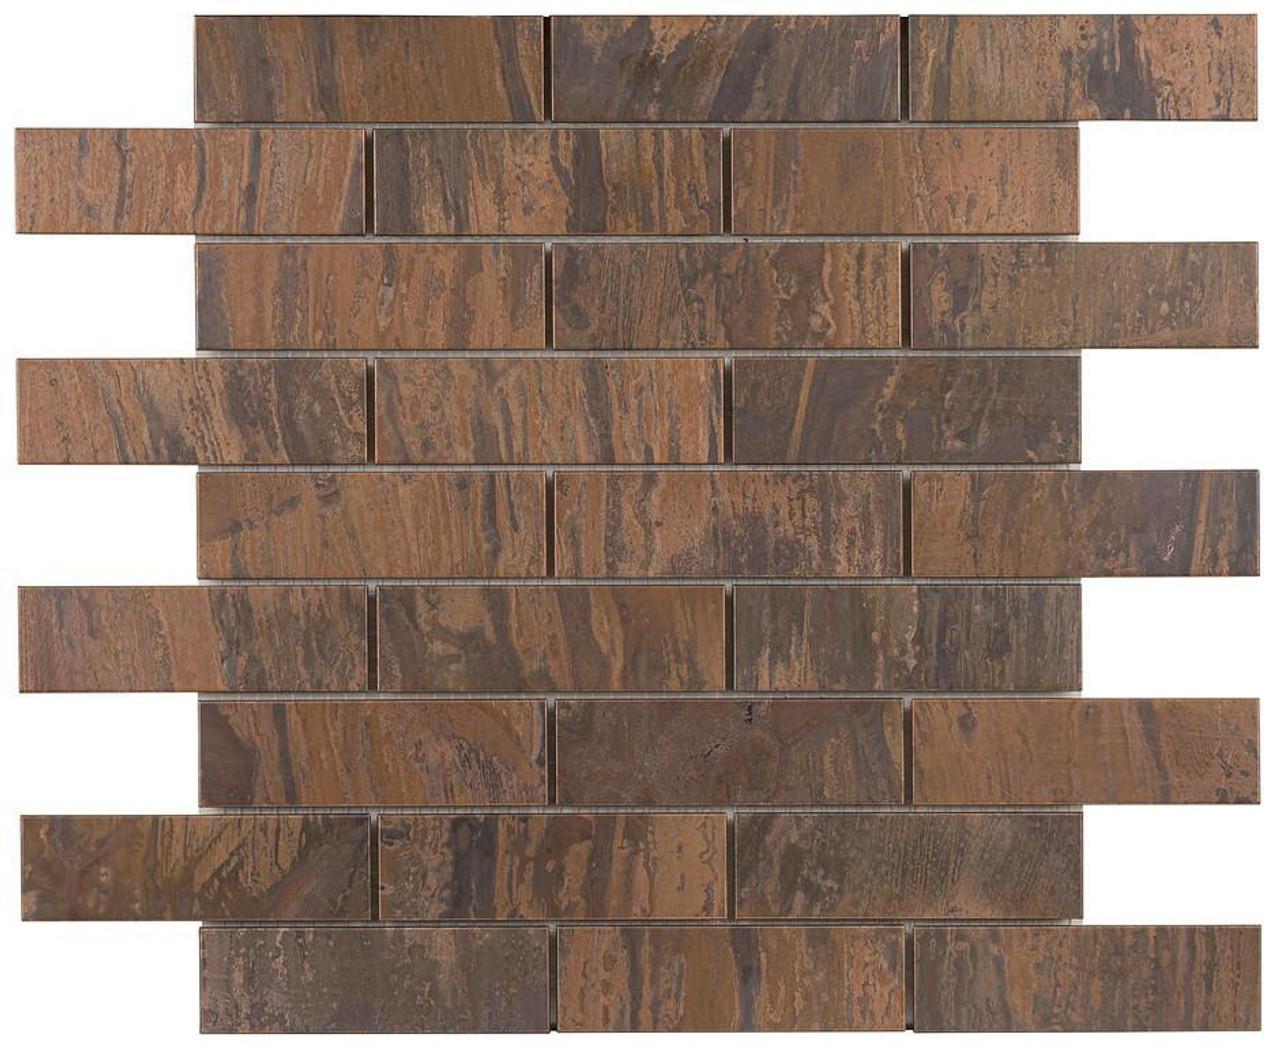 UBC Antique Copper Tile Backsplash 1 x 4 Mosaic